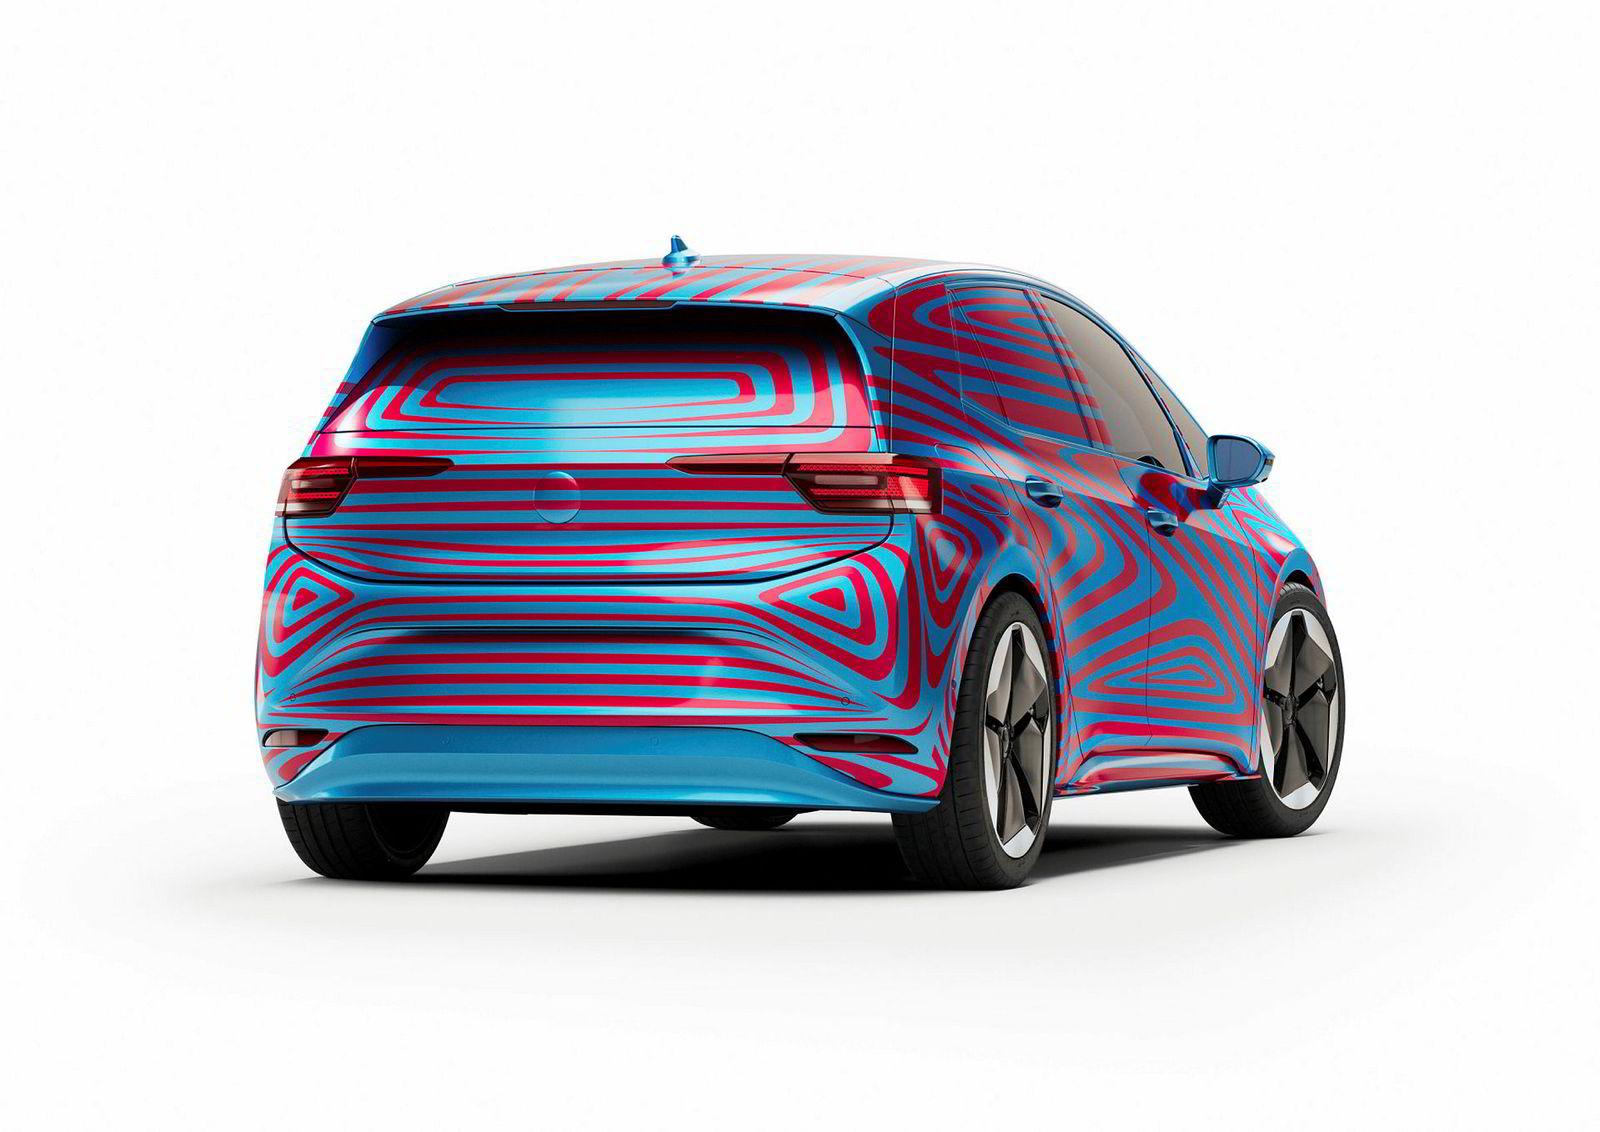 Bilen er på størrelse med en Golf på utsiden, men ifølge Volkswagen har den plassen til en Passat innvendig.